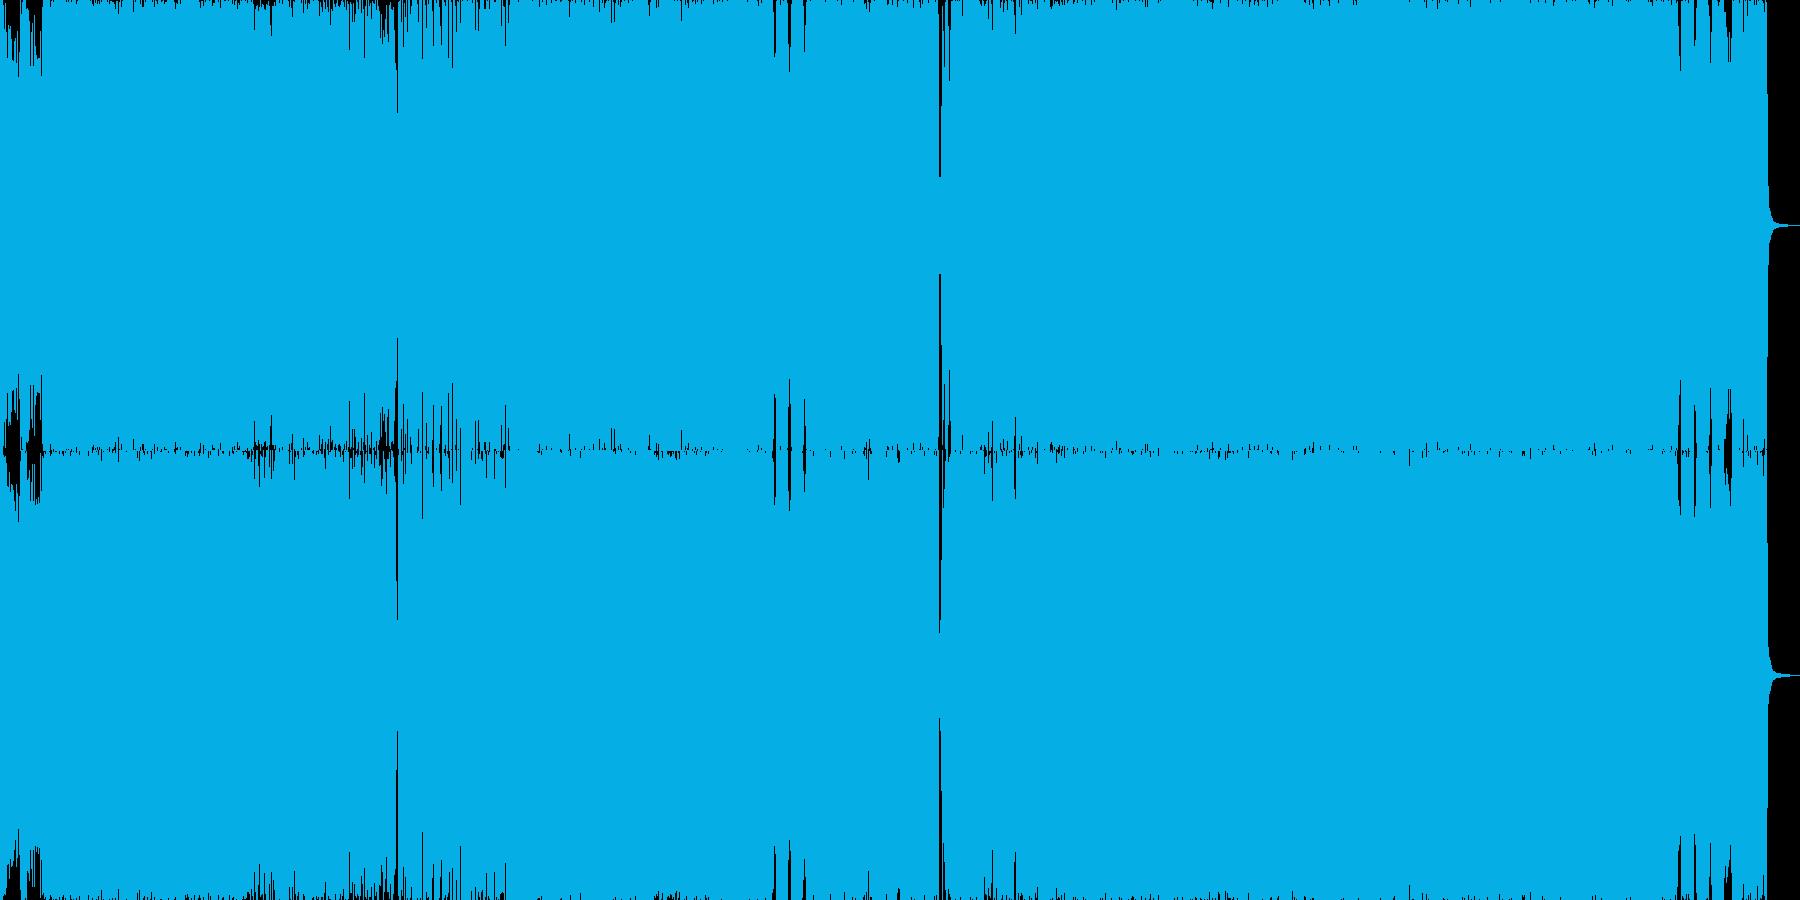 シリアス・クールなロックギターインストの再生済みの波形